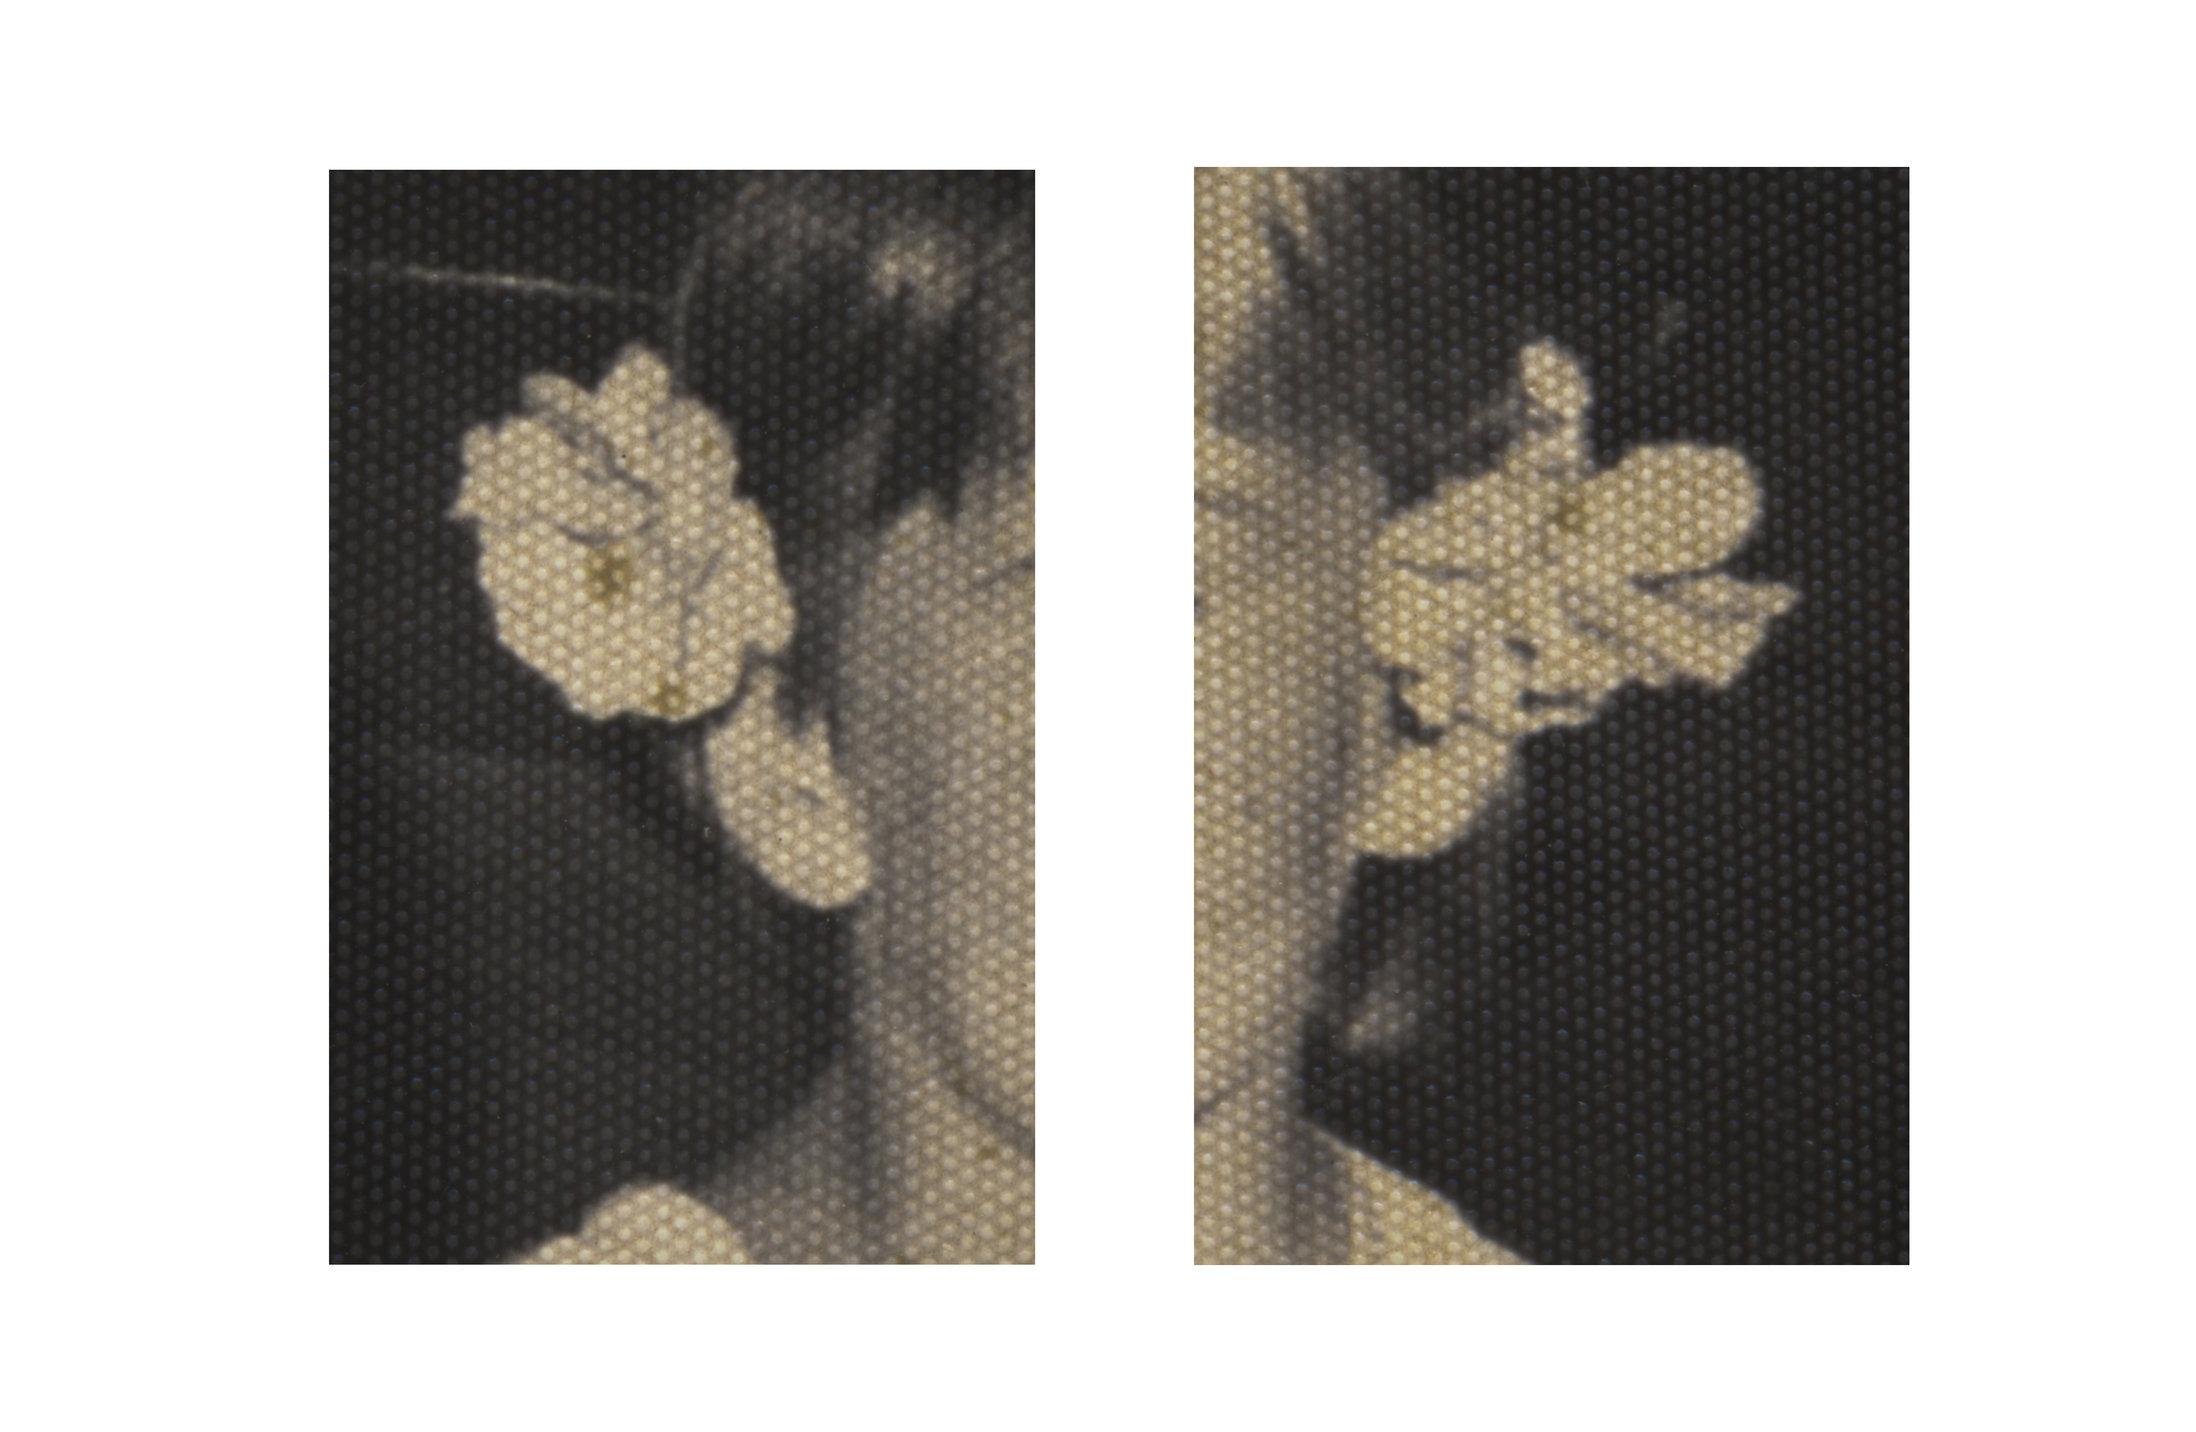 4_JdB_Flowers in hair.jpg